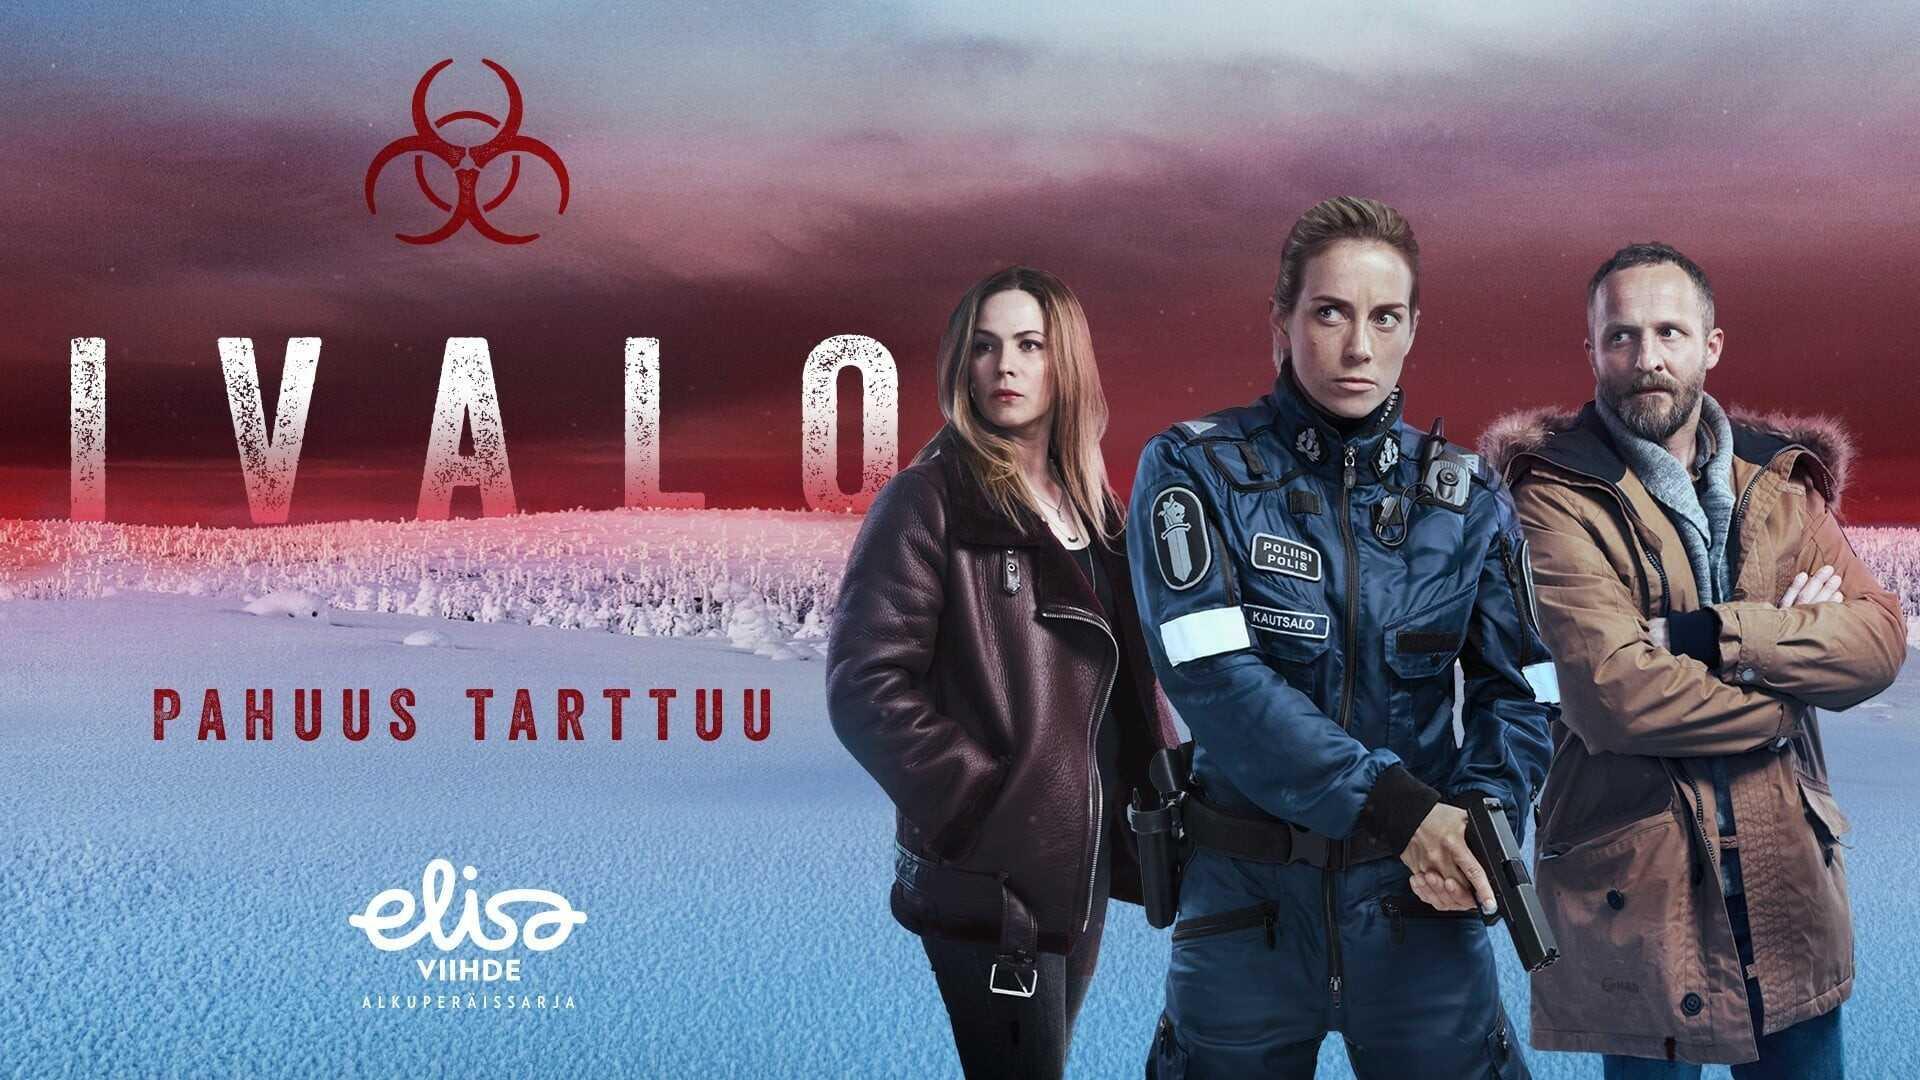 Ivalo Arctic circle ; une série nordique sur un virus mortel en Laponie